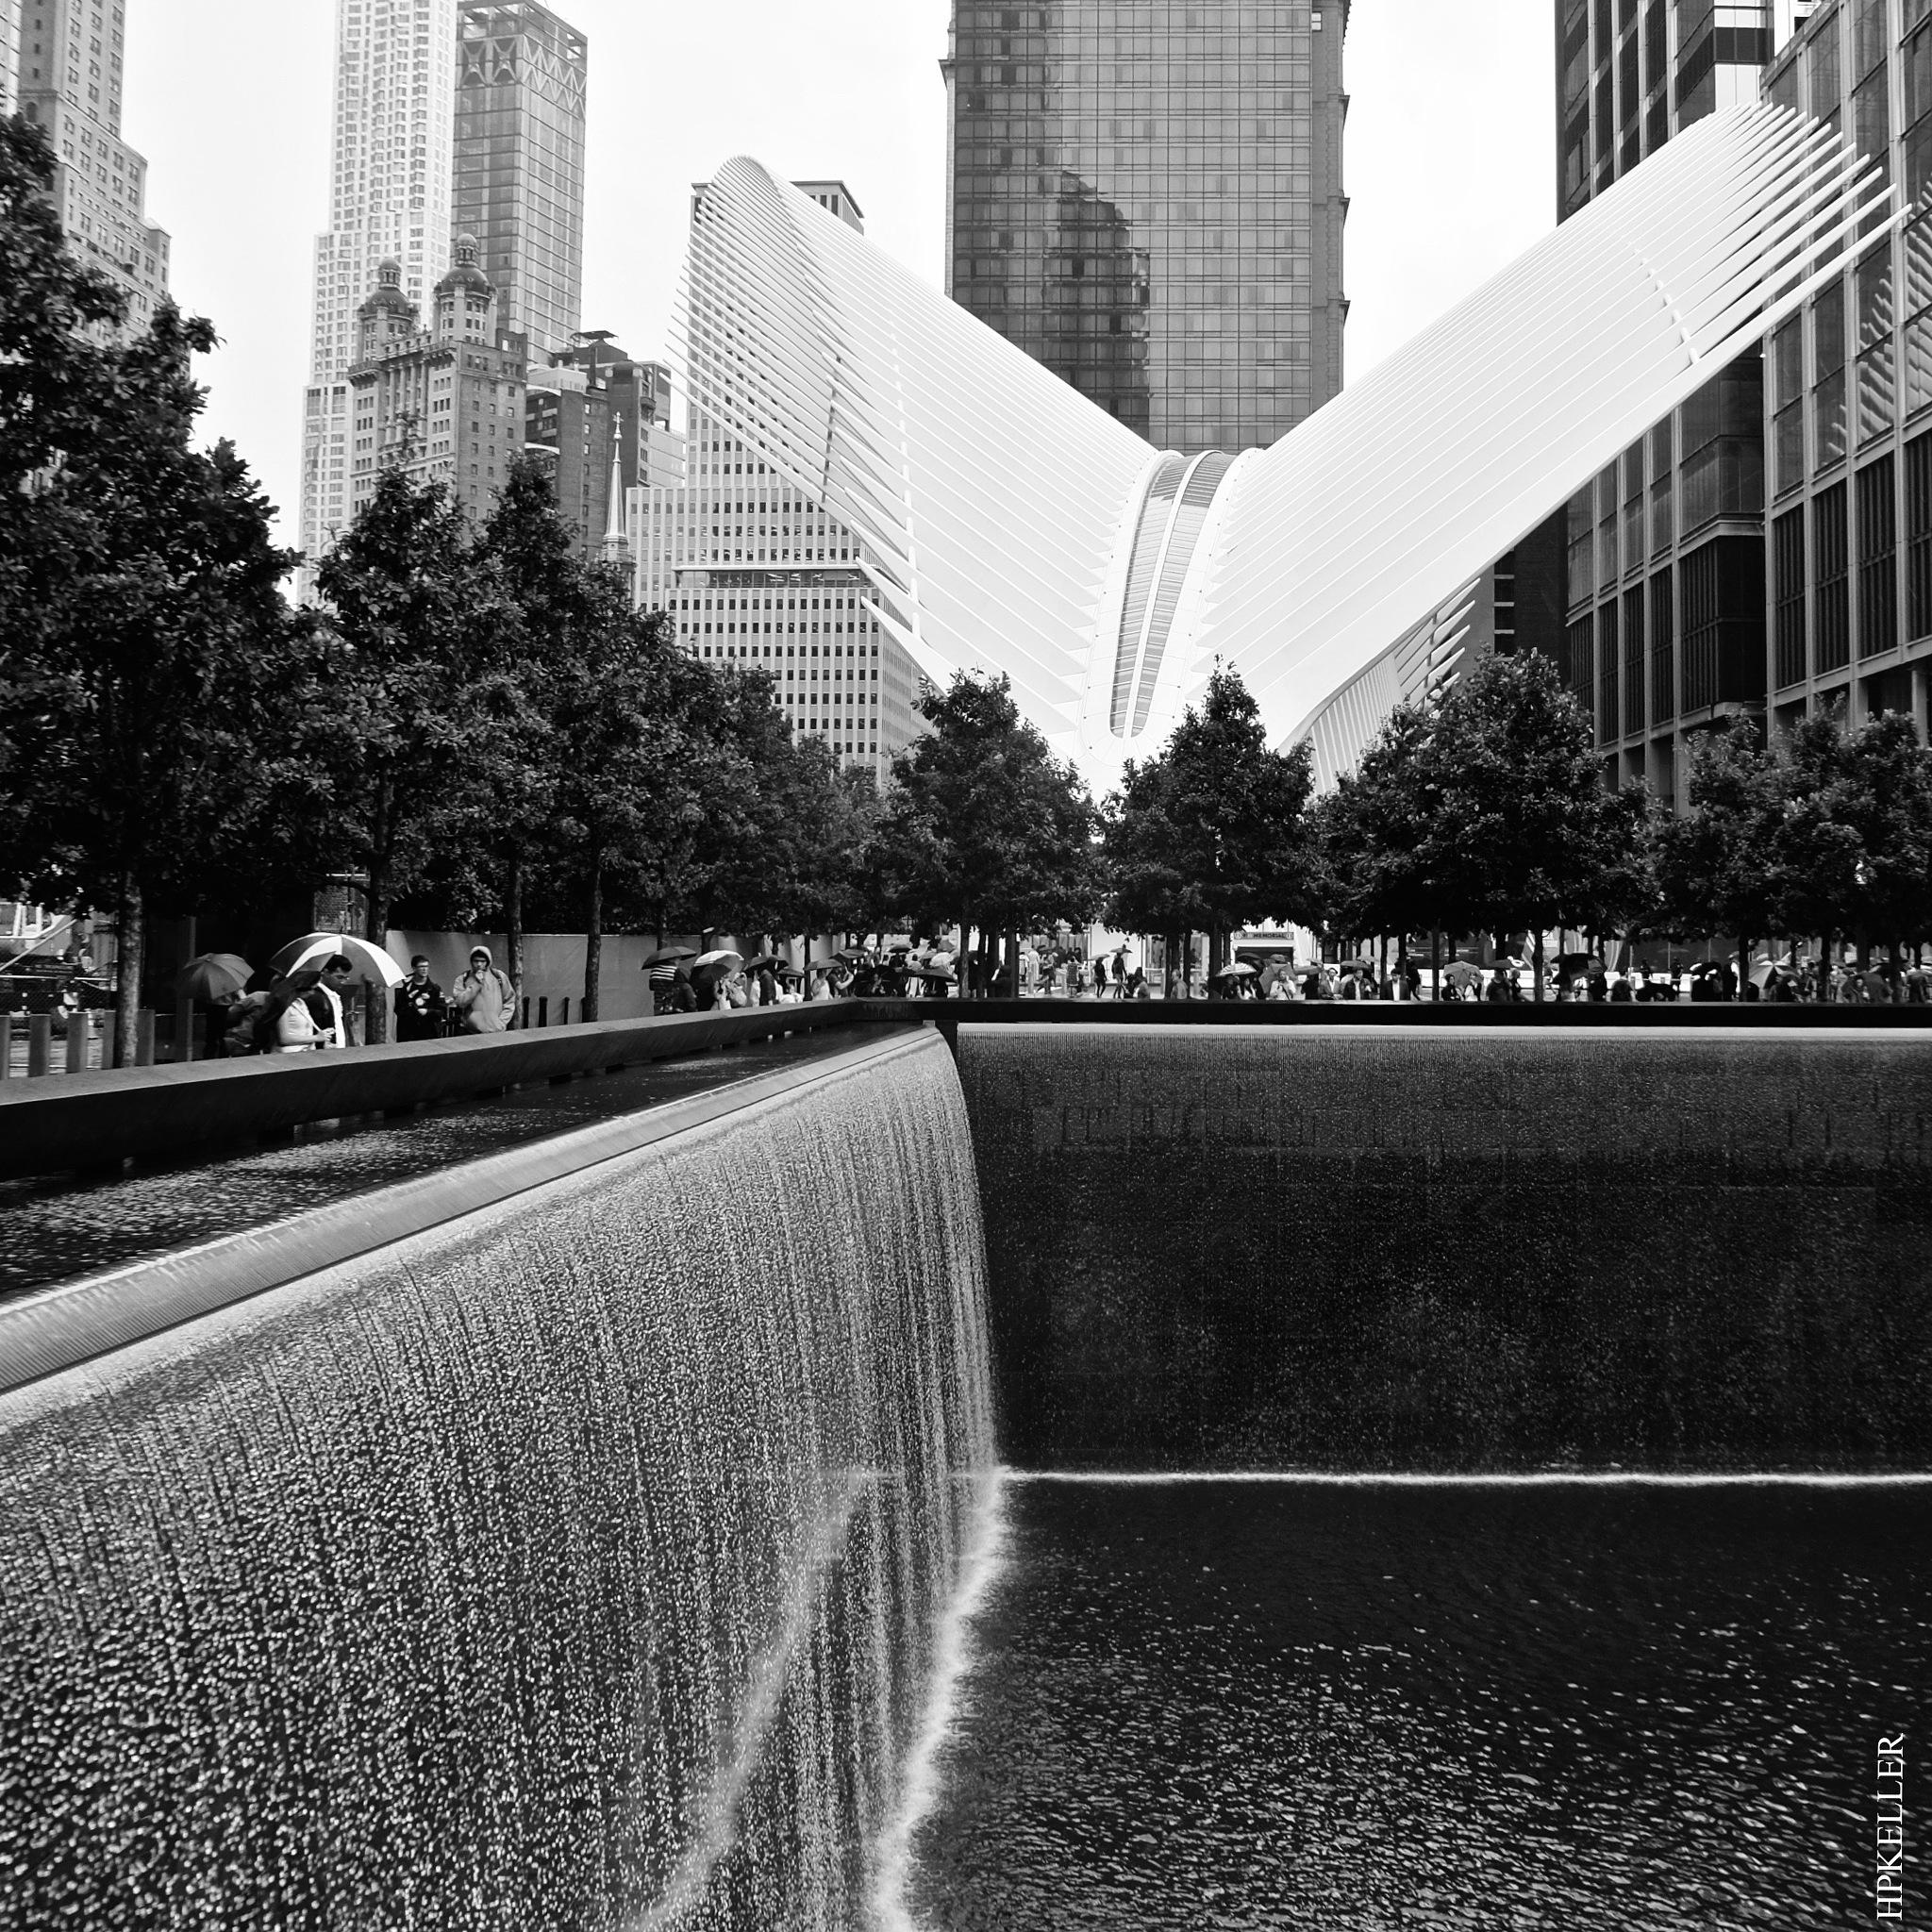 Some weeks ago in NYC, ...at 9/11 Memorial. by Hans-Peter Keller